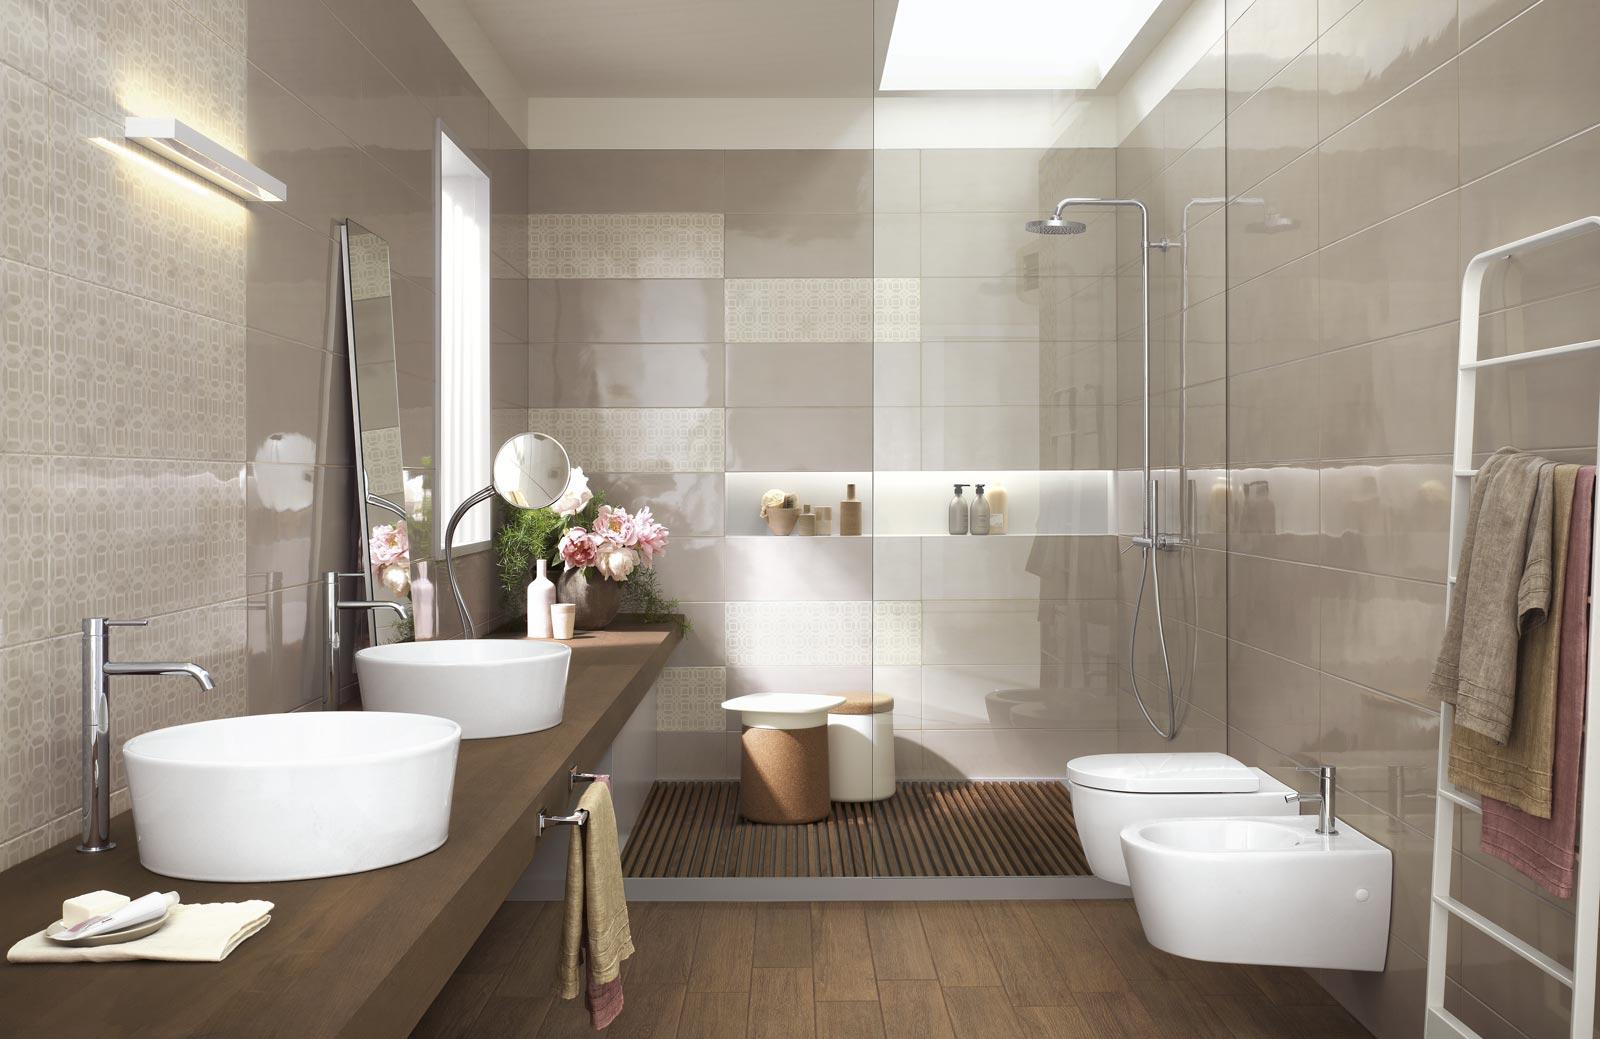 Collezione Handmade: Rivestimenti bagno effetto lucido  Ragno